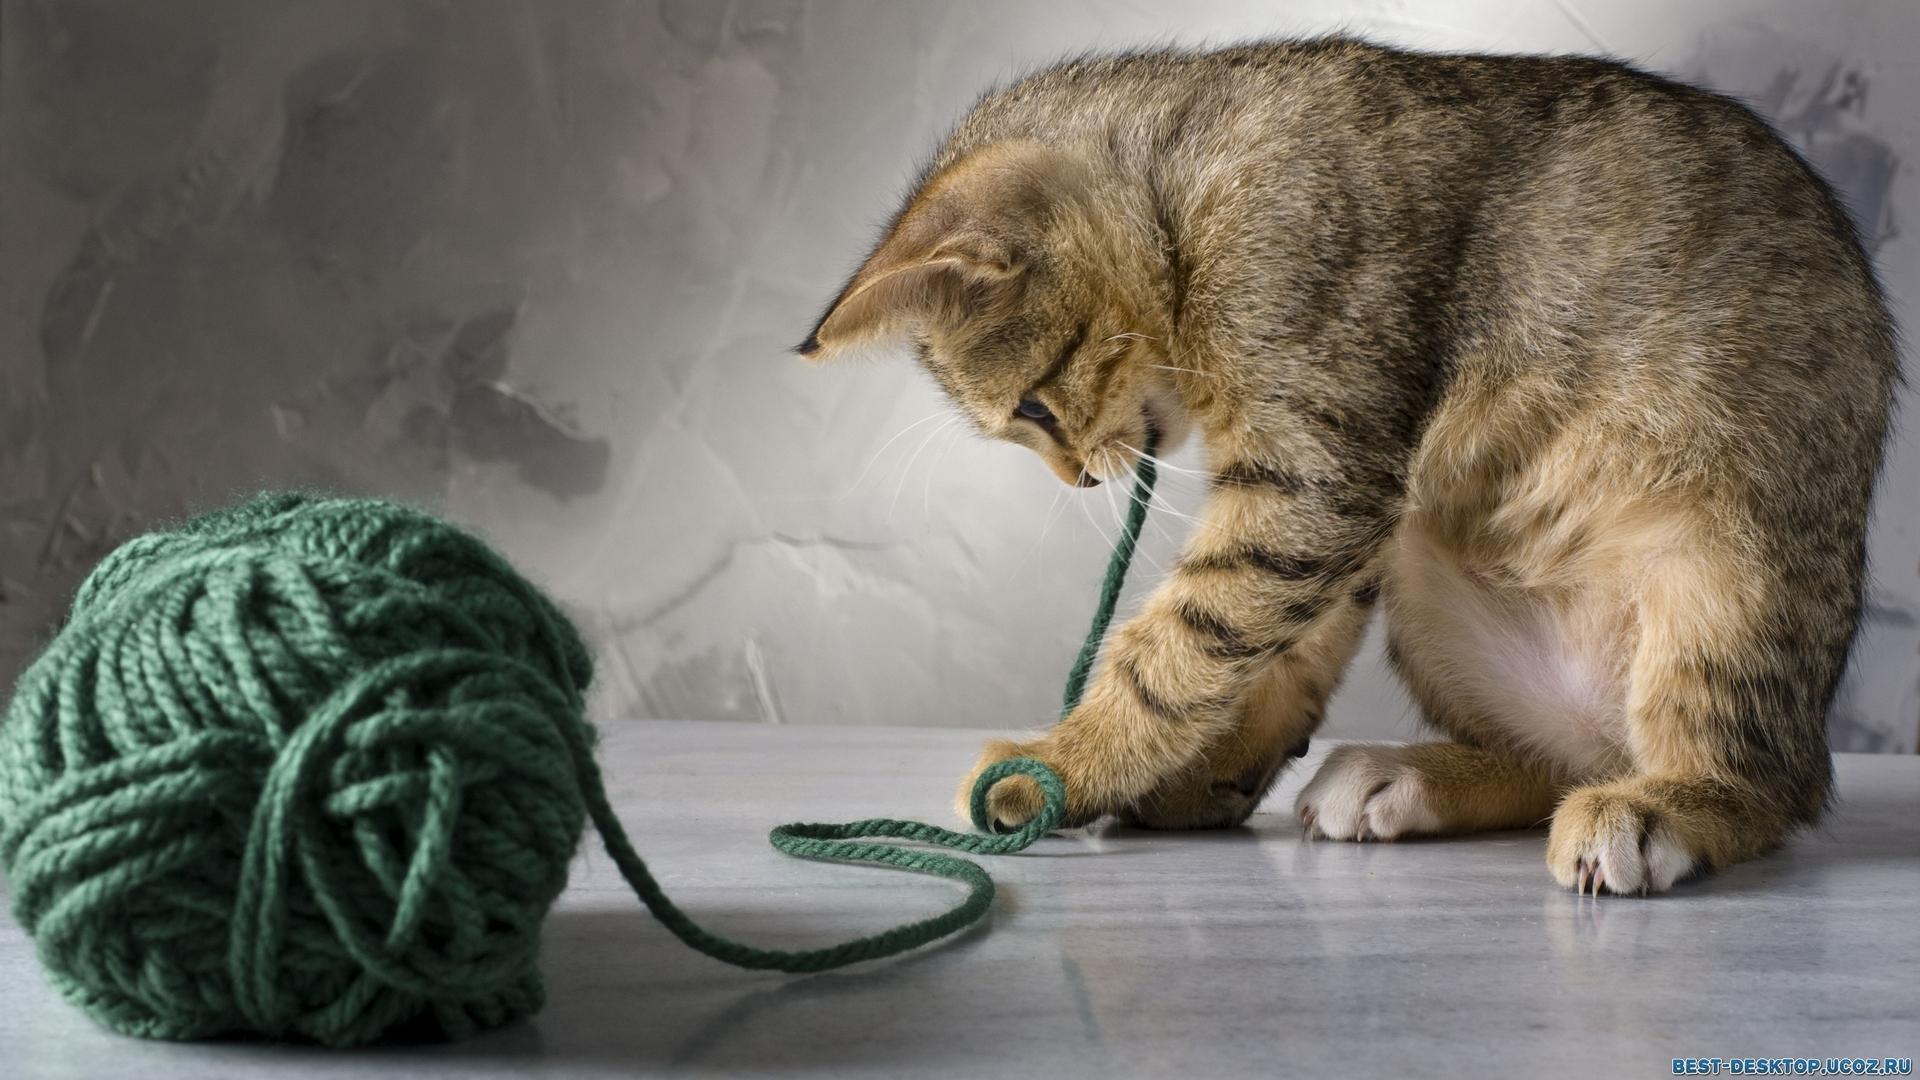 Все особенности правильного содержания и ухода за кошками